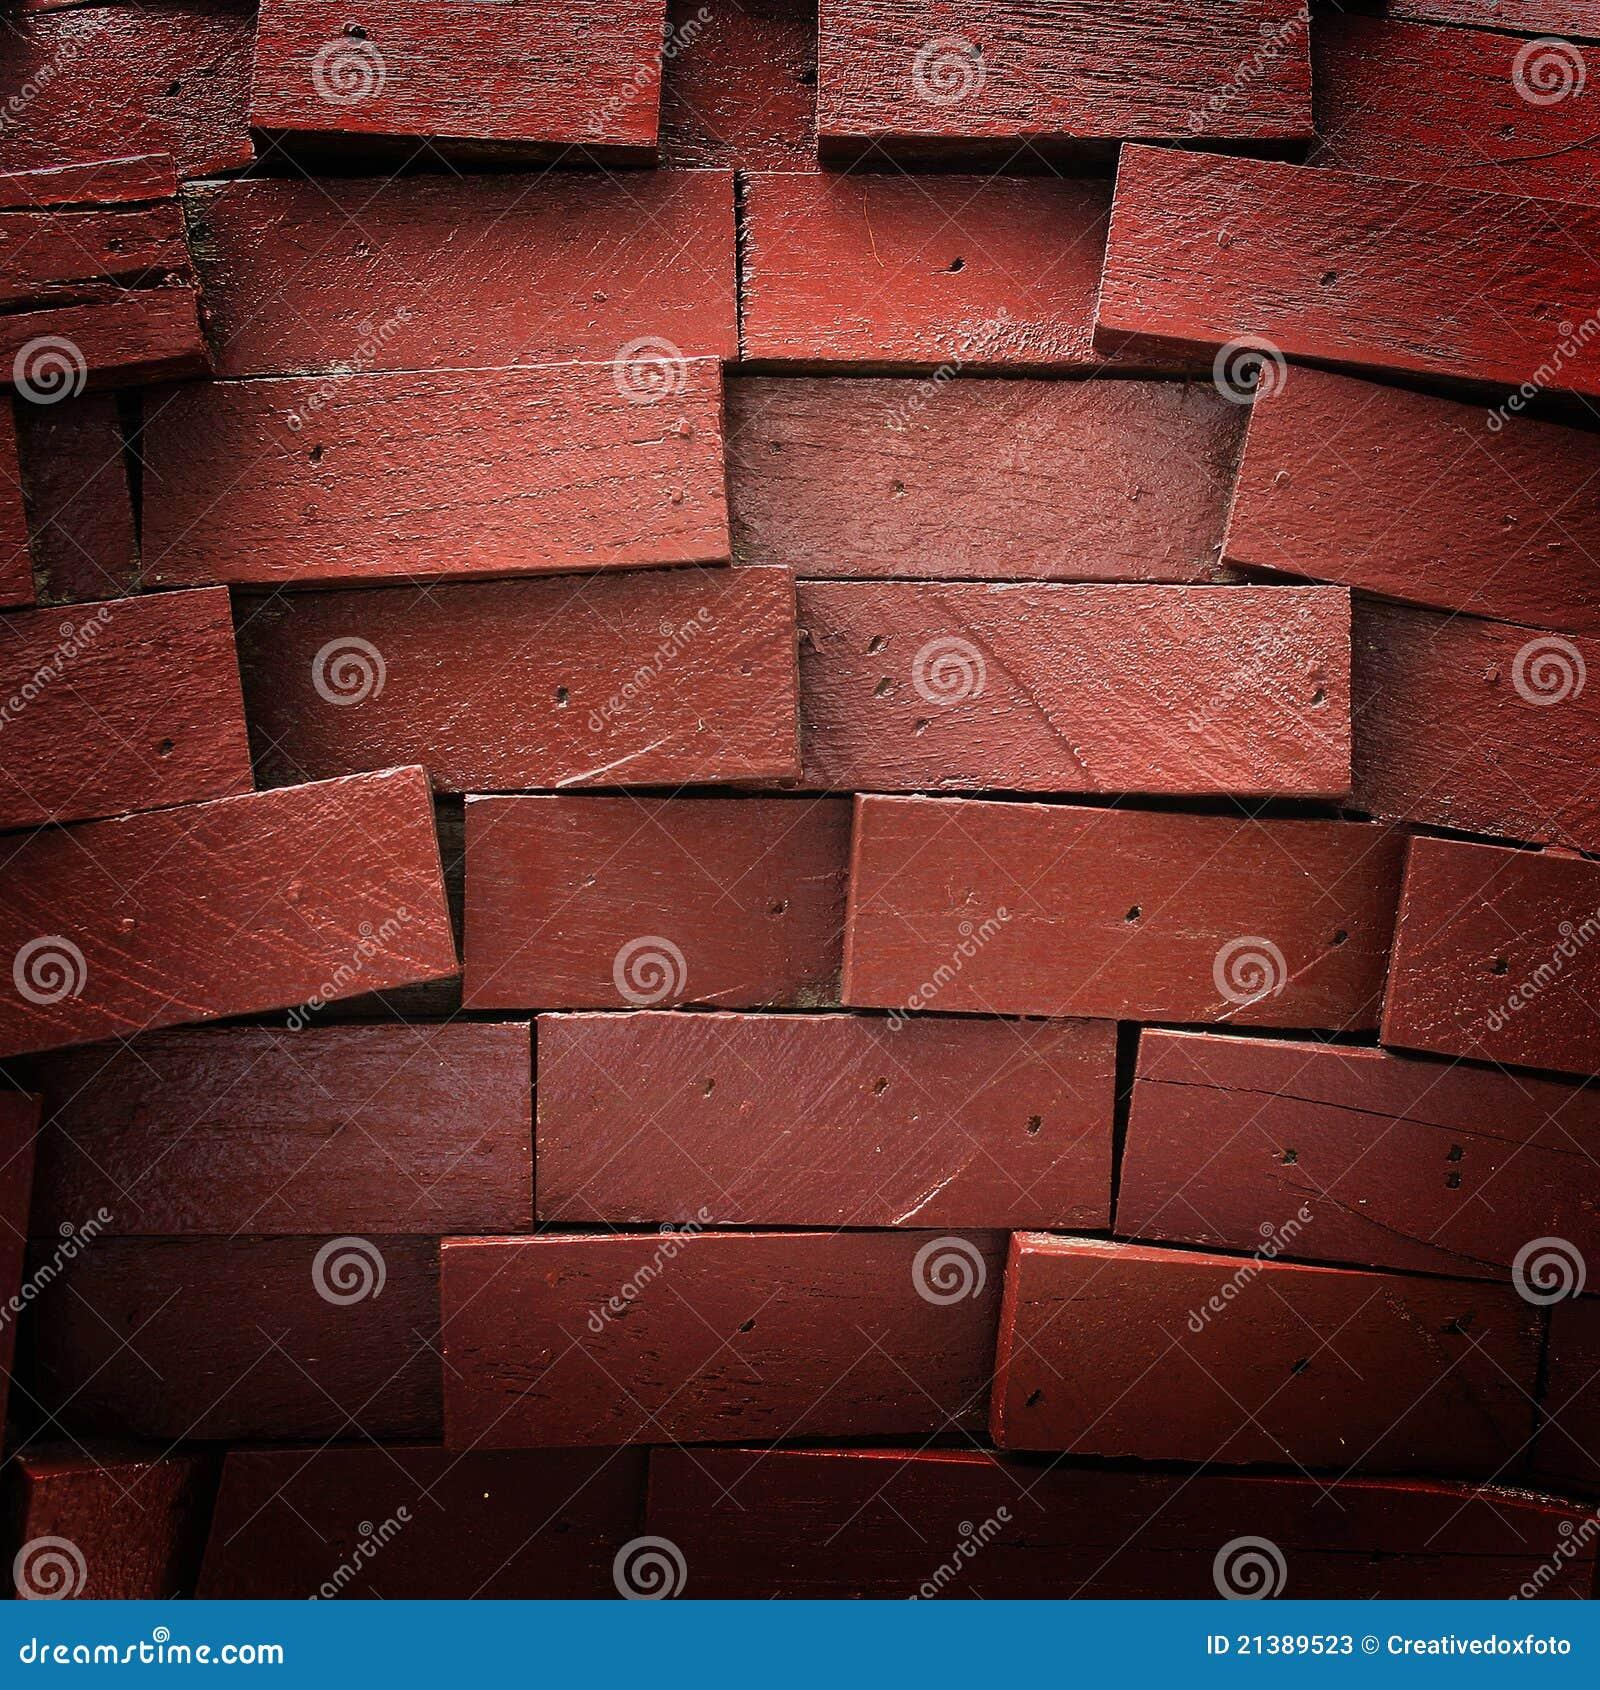 木砖纹理图片